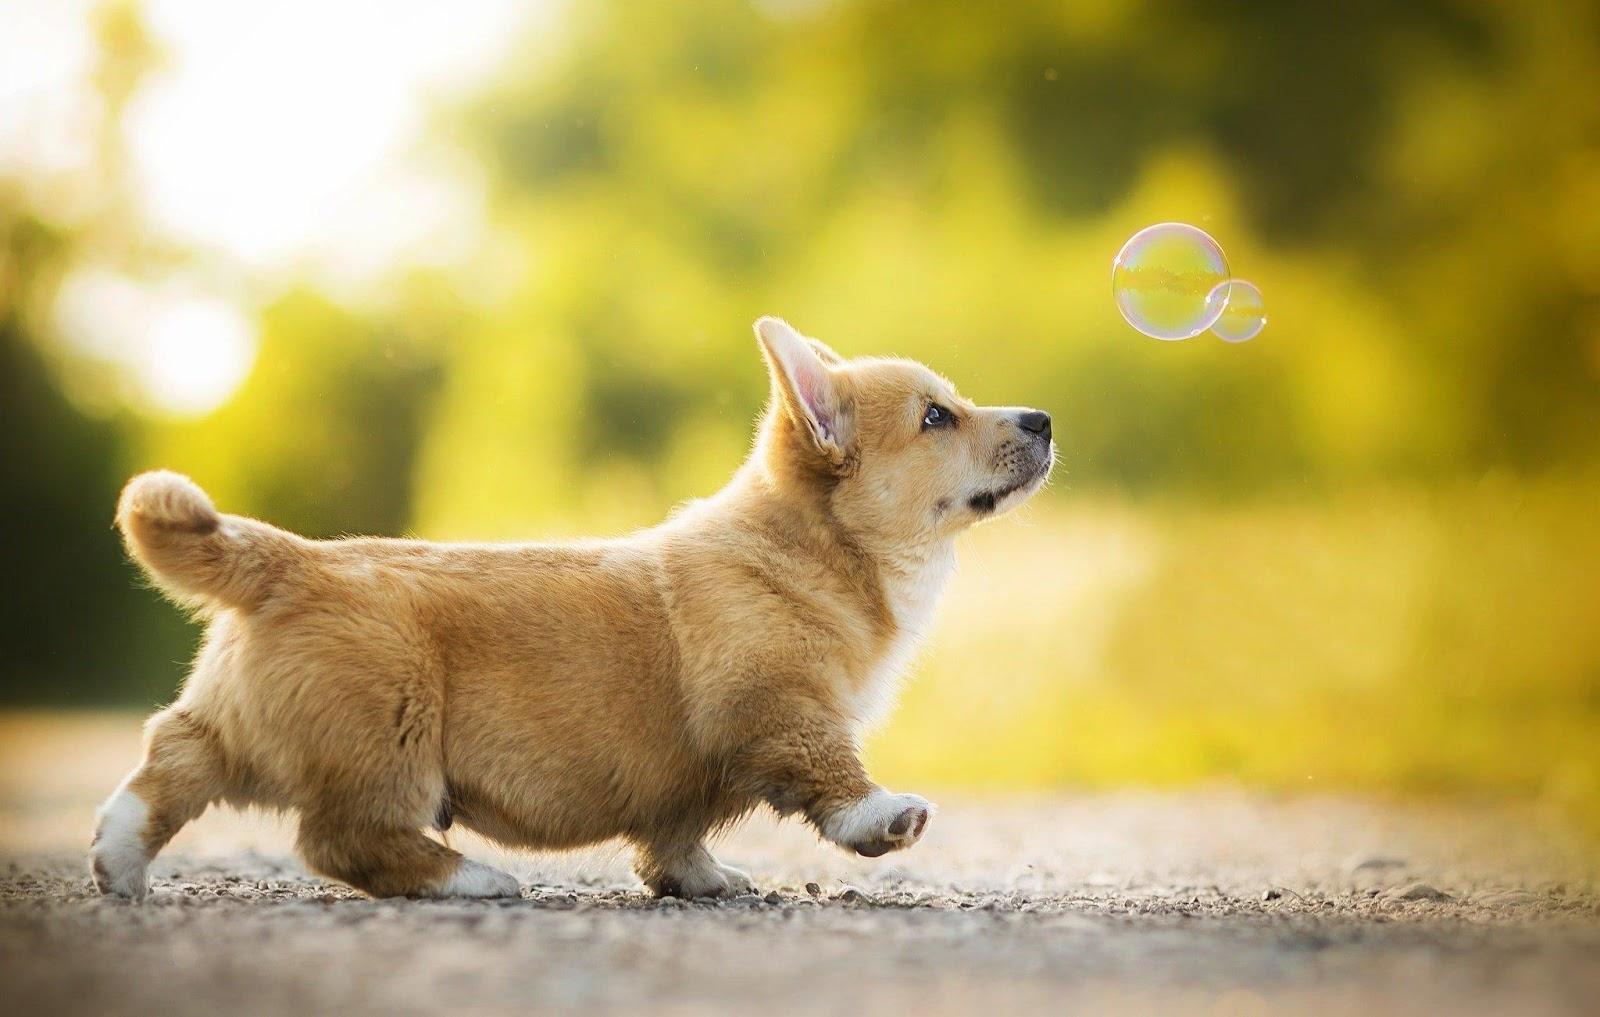 Giấc mơ thấy chó mang ý nghĩa đặc biệt